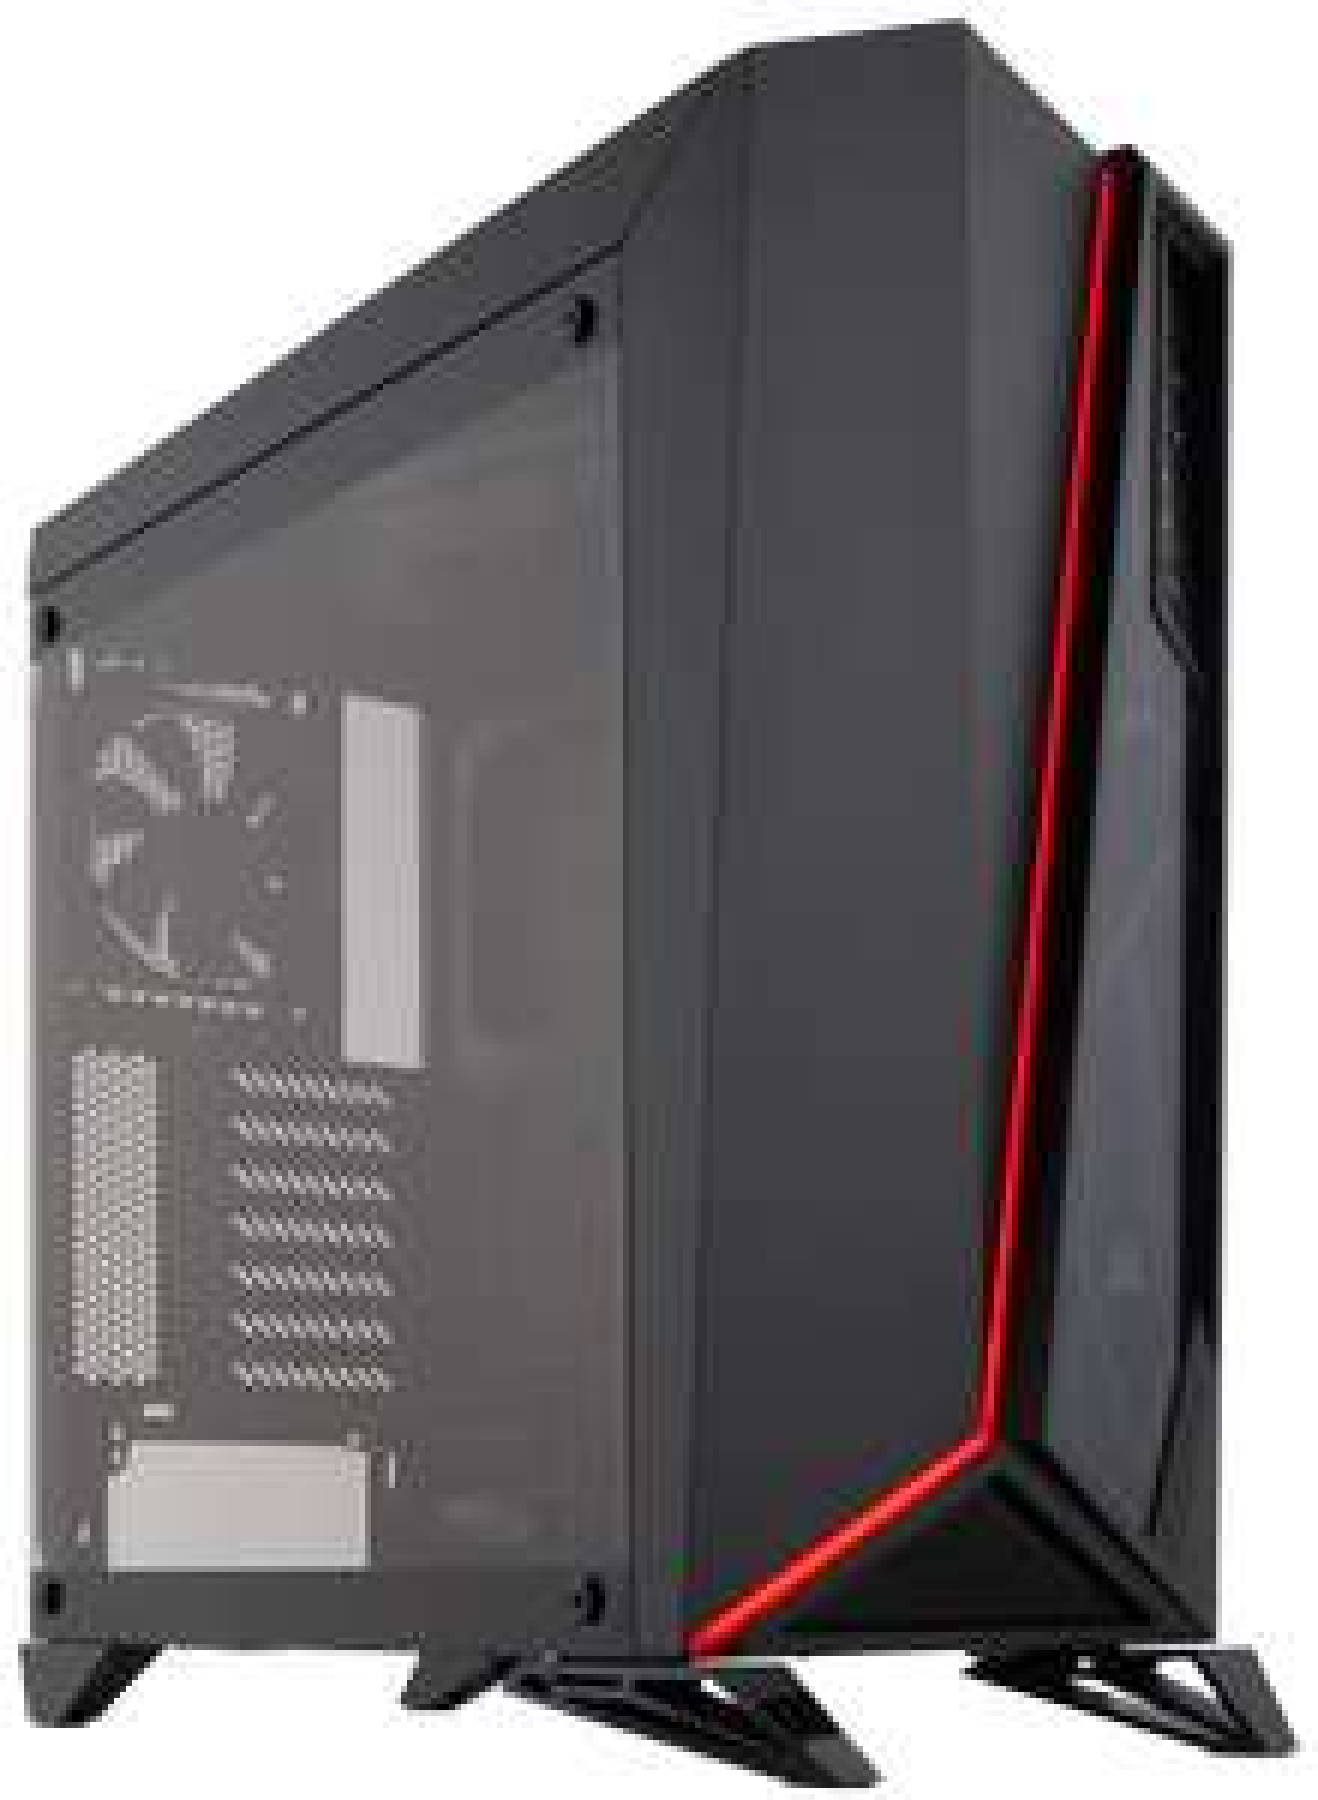 Corsair SPEC-Omega Tower Gehäuse [Farbvariationen: schwarz - schwarz/weiss - schwarz/rot] - (Mit 5€ NL-Gutschein 82,89 Euro)